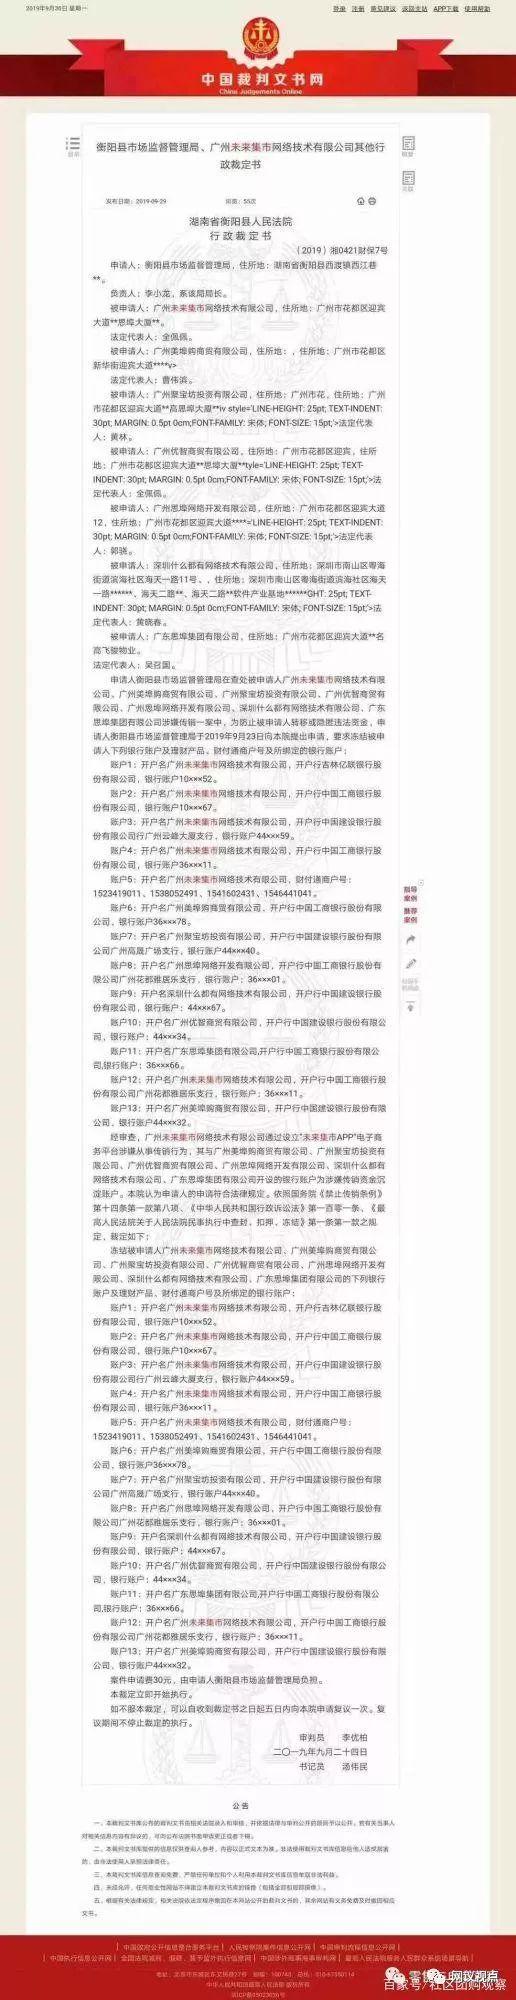 """未来集市被""""上刑"""" 粉象生活等社交电商难逃一劫"""